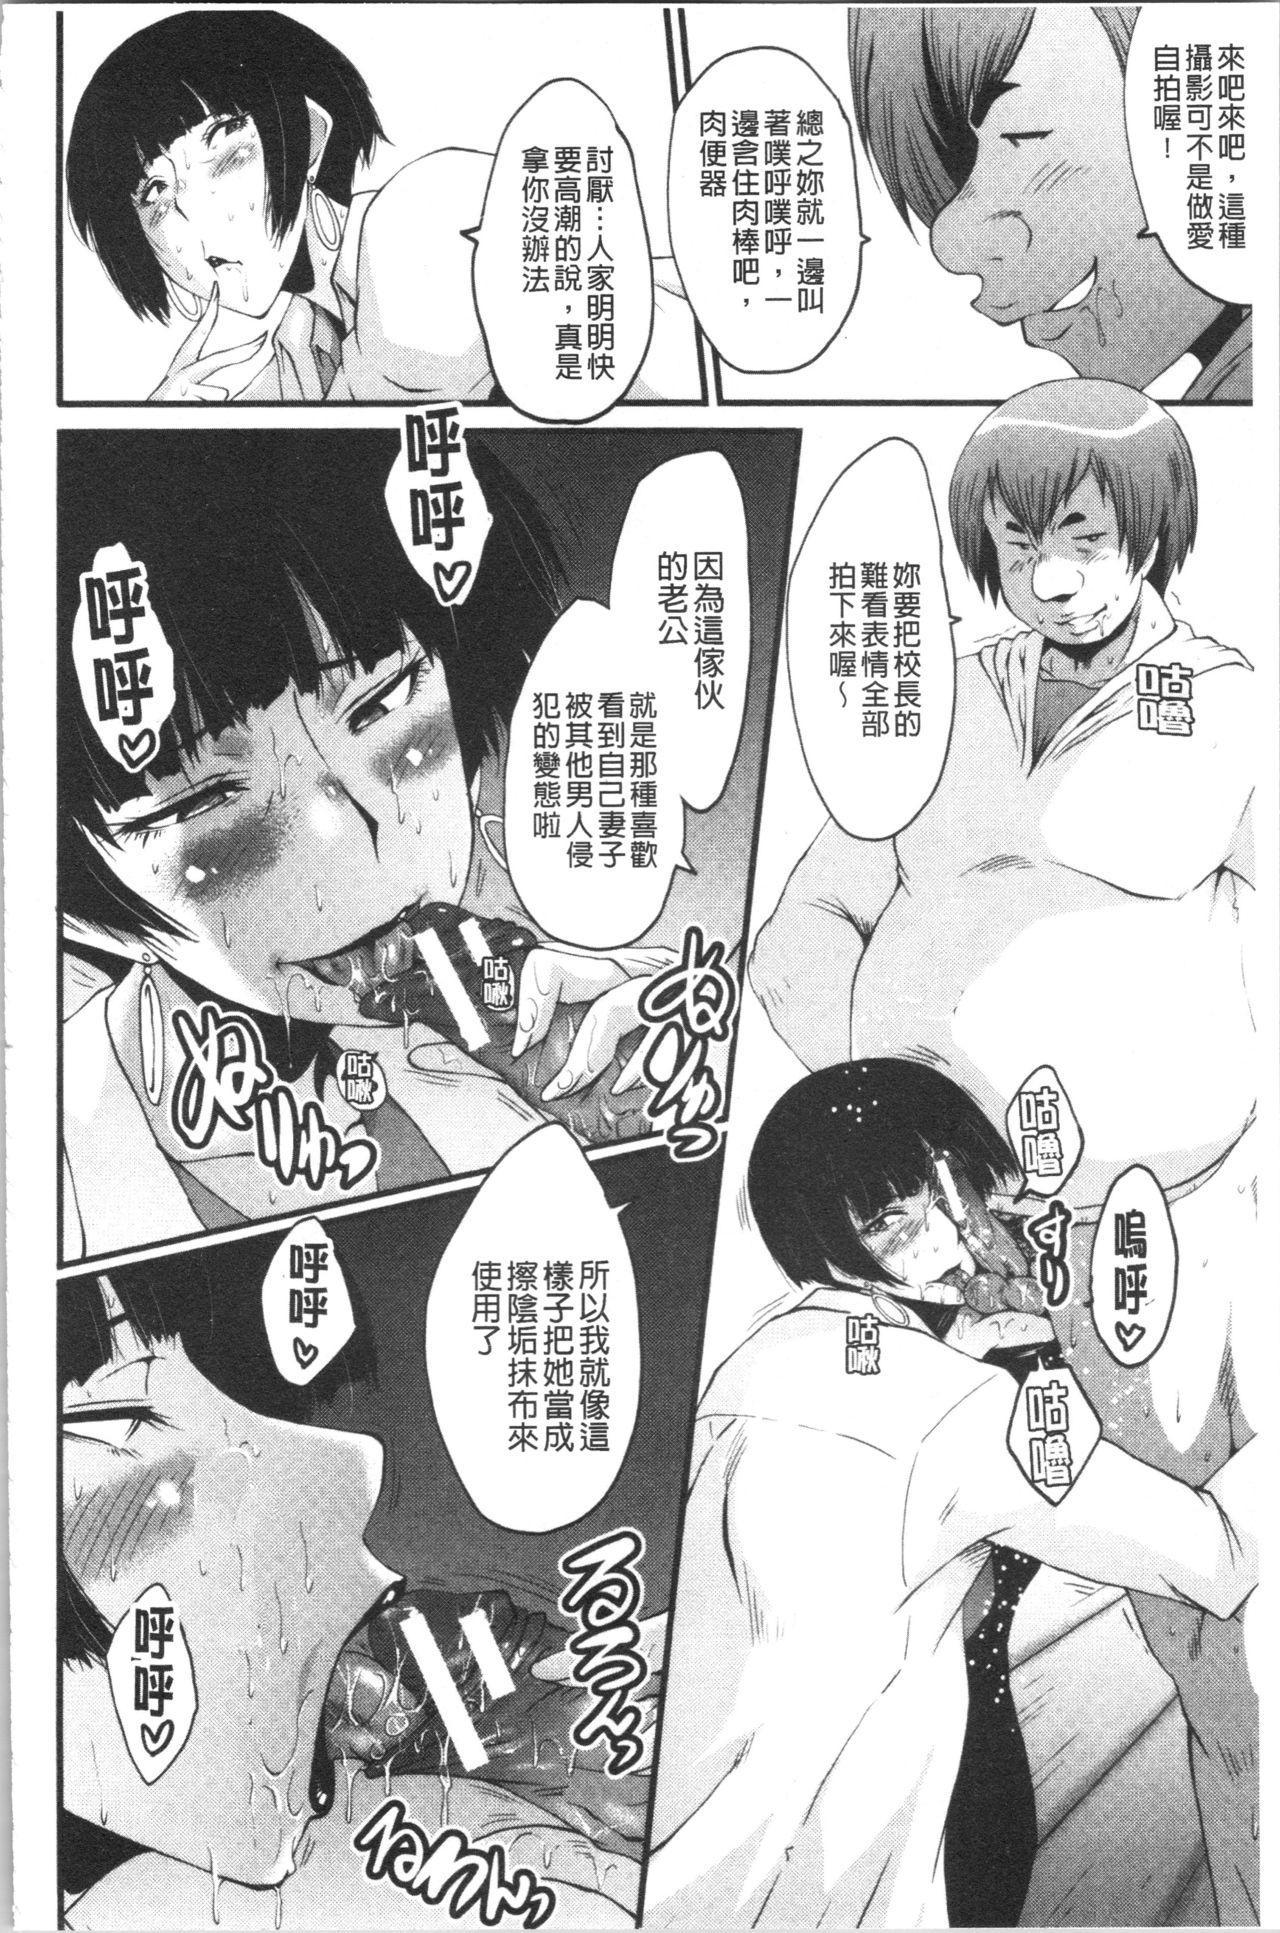 Bokuno Kanojo ga Kusogaki ni Netorareta Hanashi 109